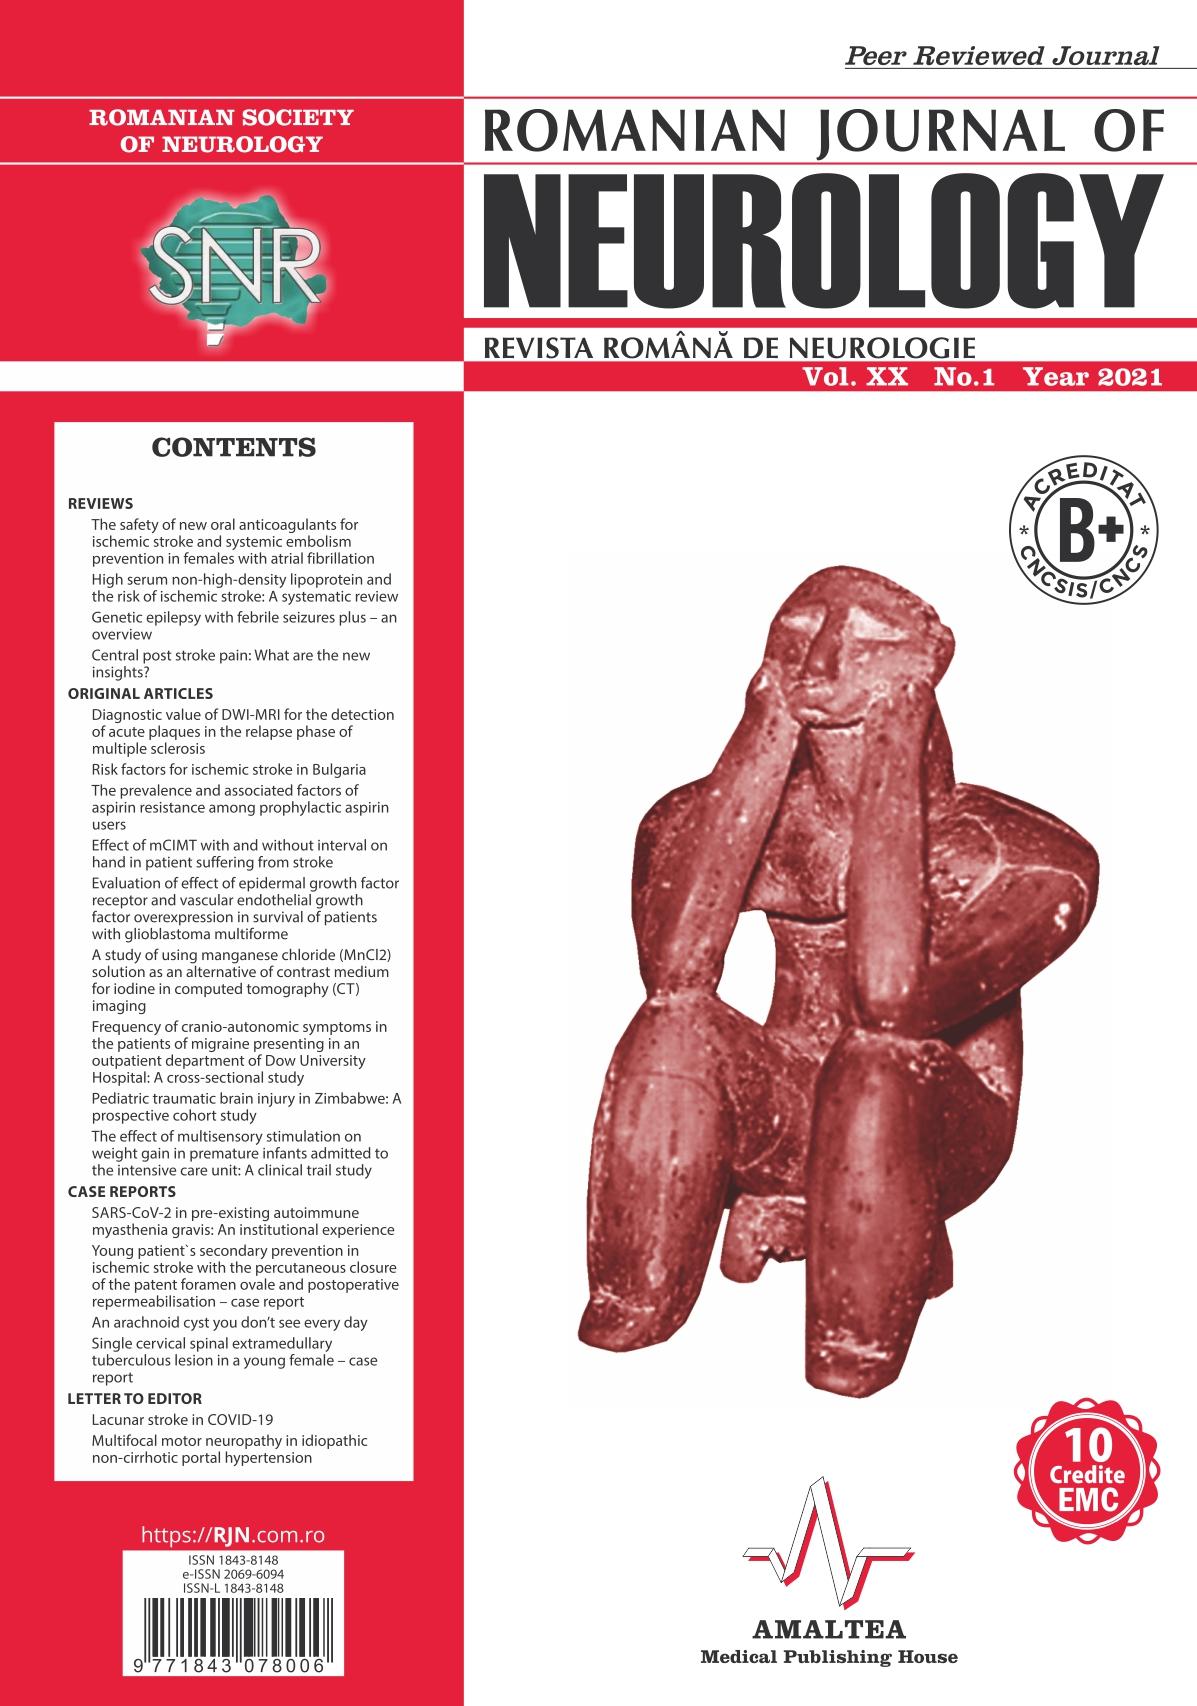 Romanian Journal of Neurology, Volume XX, No. 1, 2021